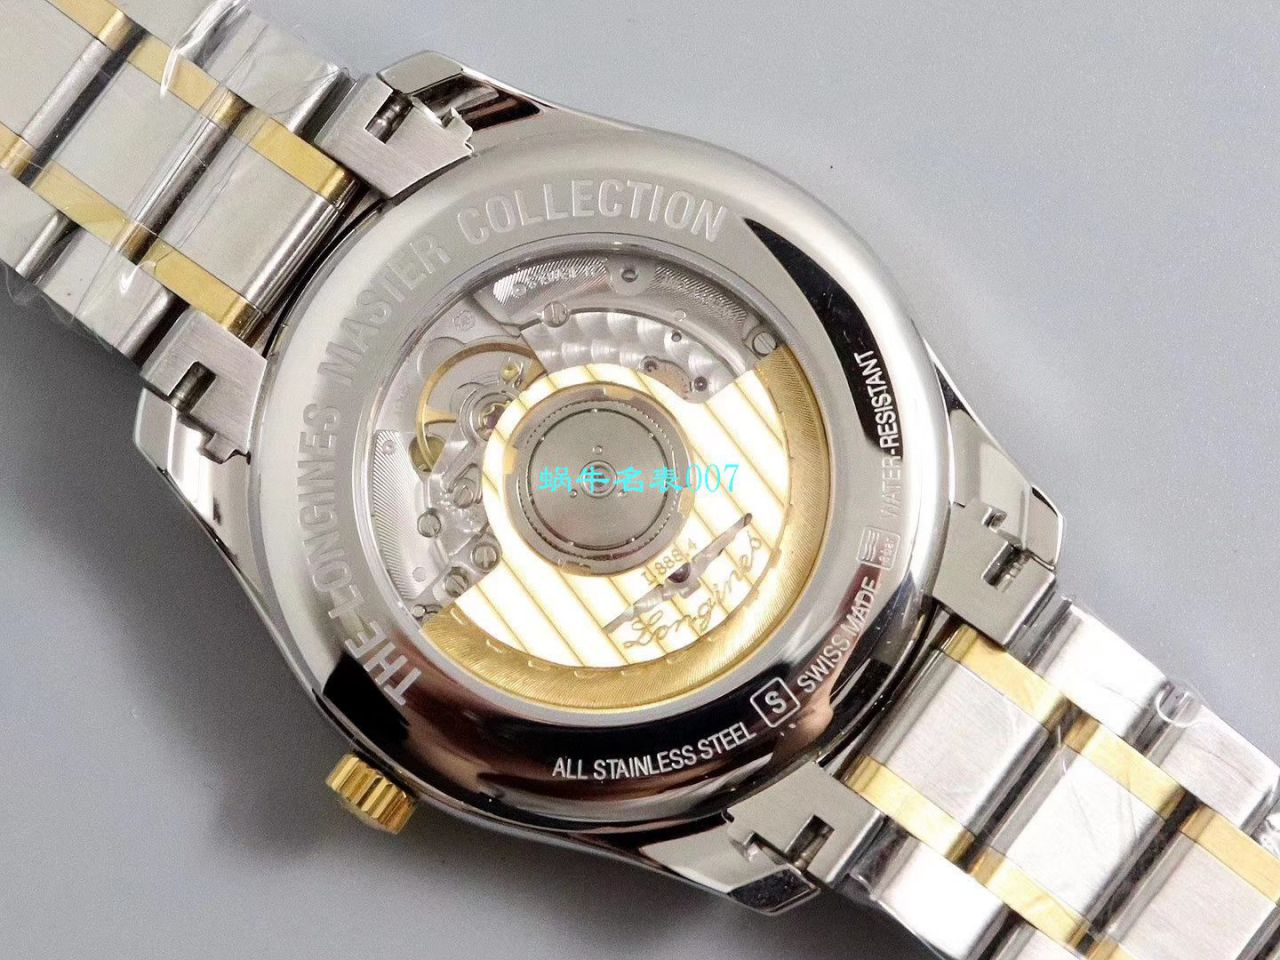 【V9厂顶级复刻手表】浪琴名匠系列L2.793.4.71.6,L2.793.4.57.6等多色单历腕表